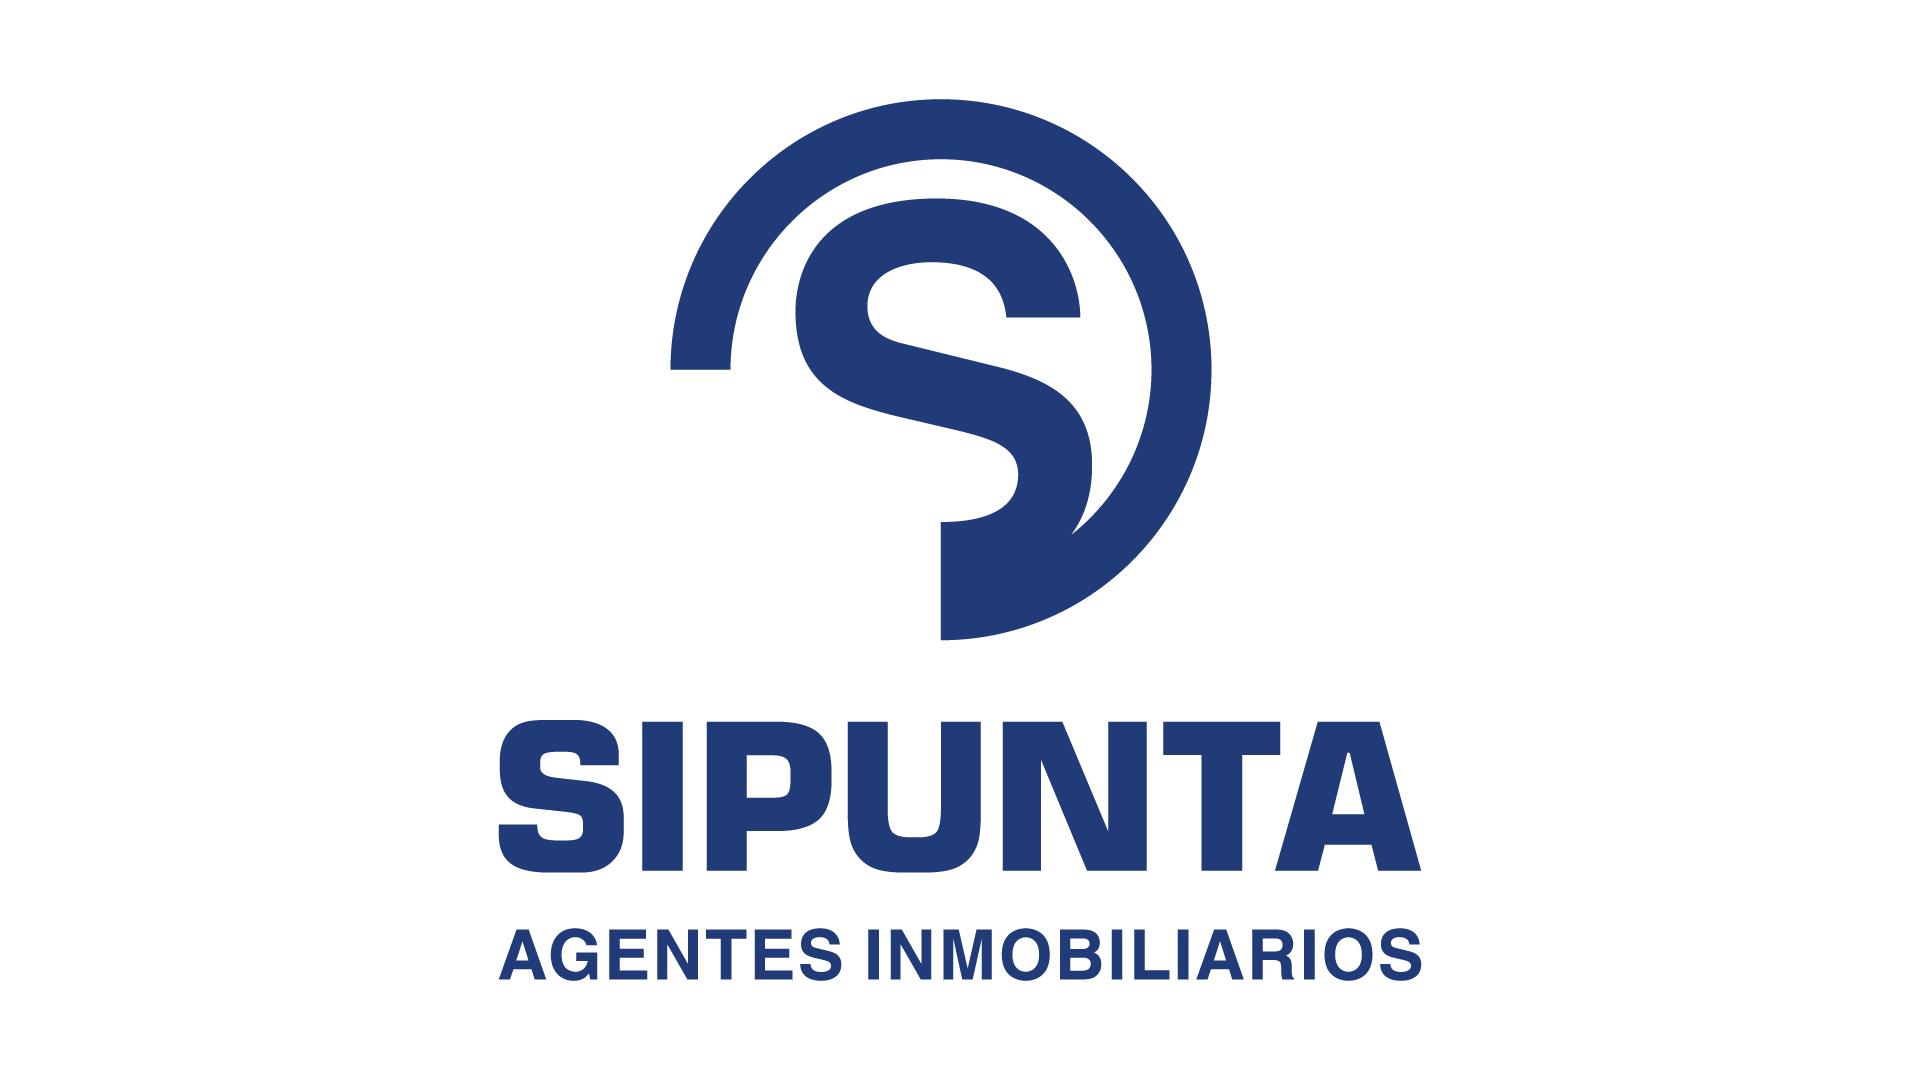 SIPUNTA Agentes Inmobiliarios